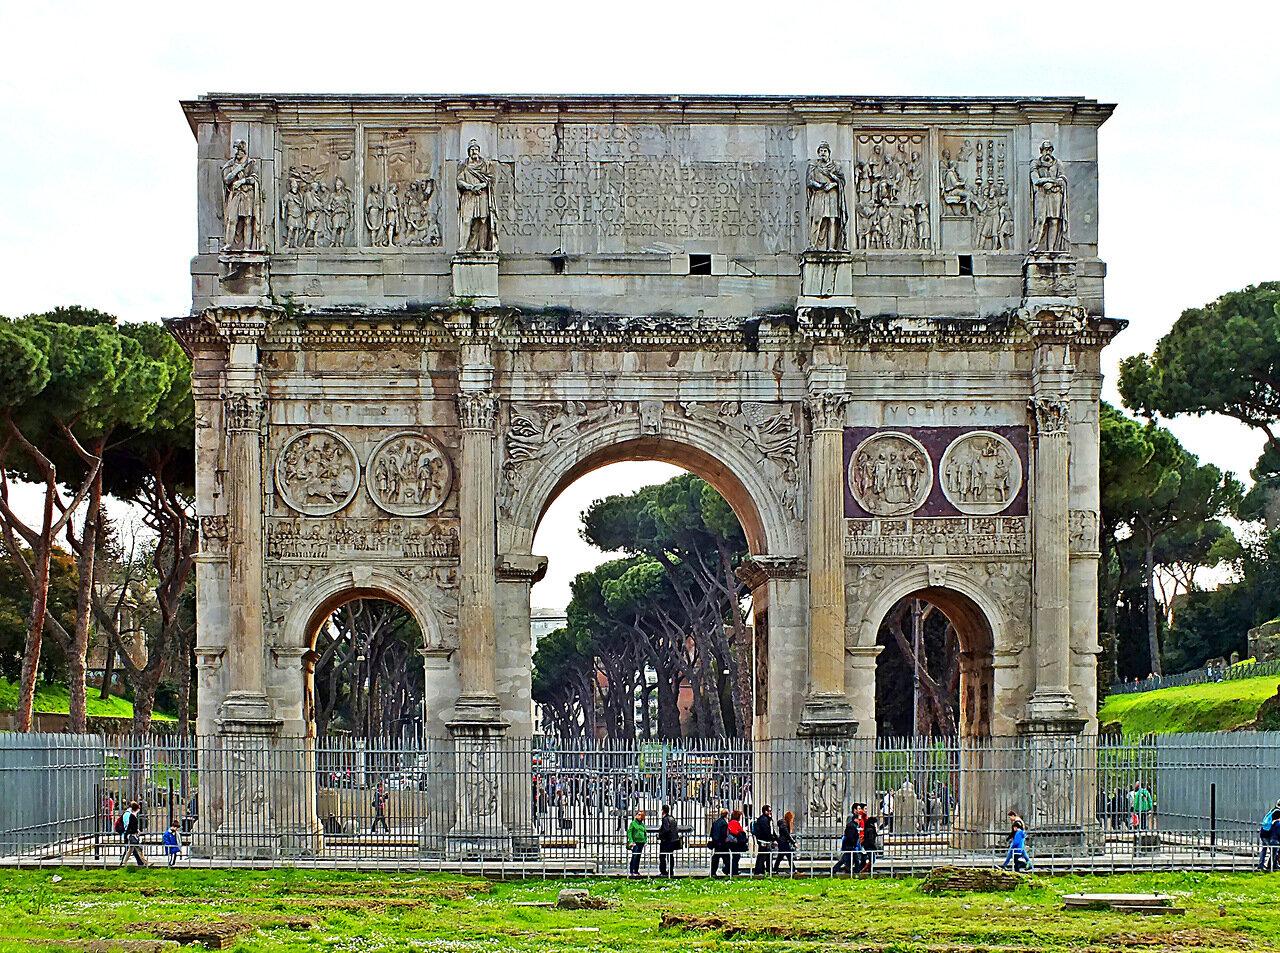 такой момент, триумфальные арки мира фото агропак